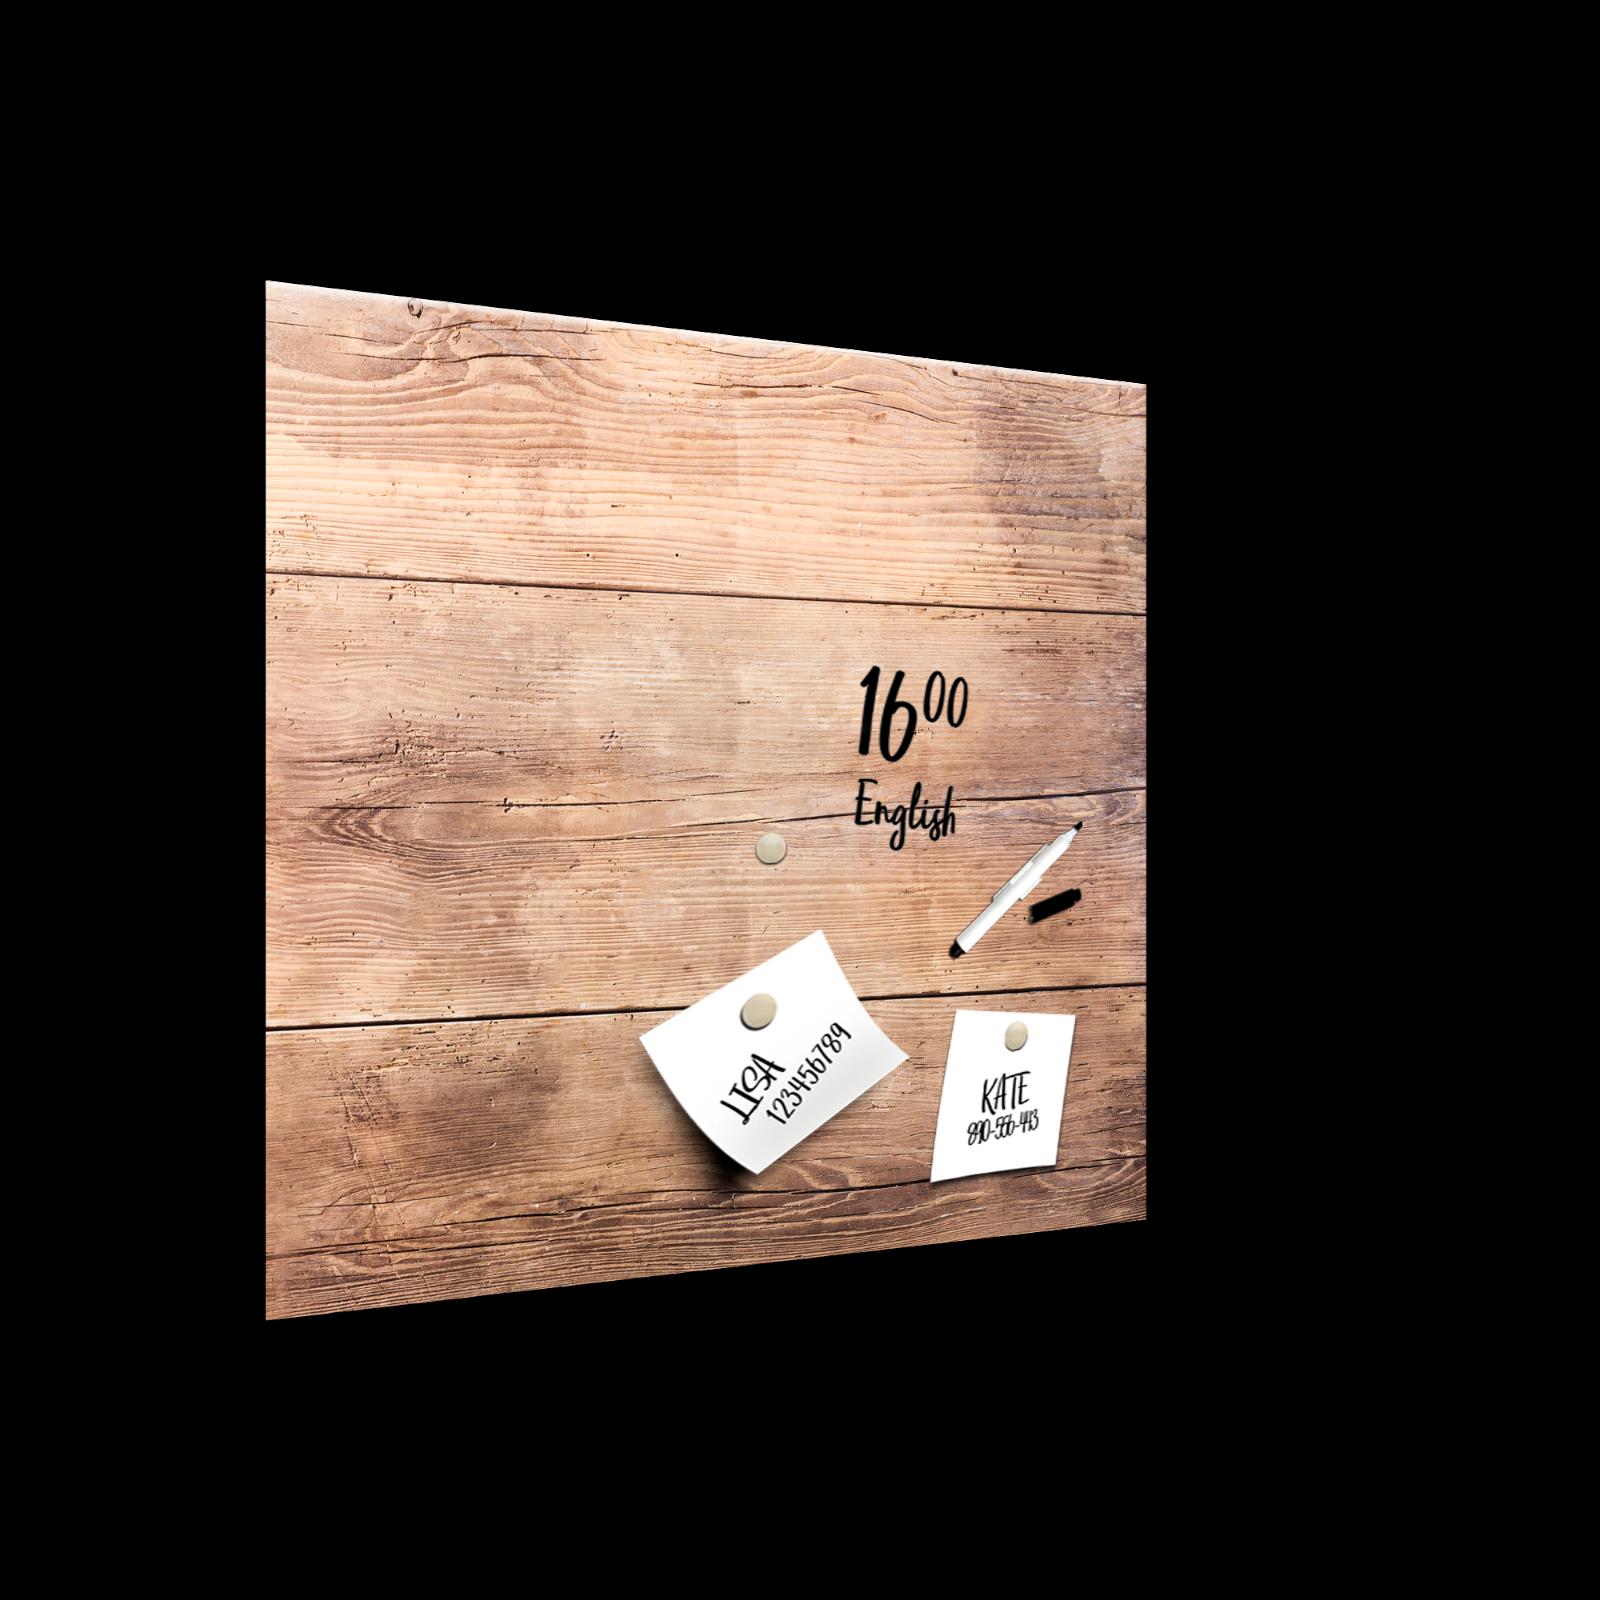 Full Size of Memoboard Küche Wood S Styler Glas Magnettafel Magnetwand Kche Holz Hängeschrank Sitzecke Tapete Kinder Spielküche Tresen Hängeschränke Landküche U Form Wohnzimmer Memoboard Küche